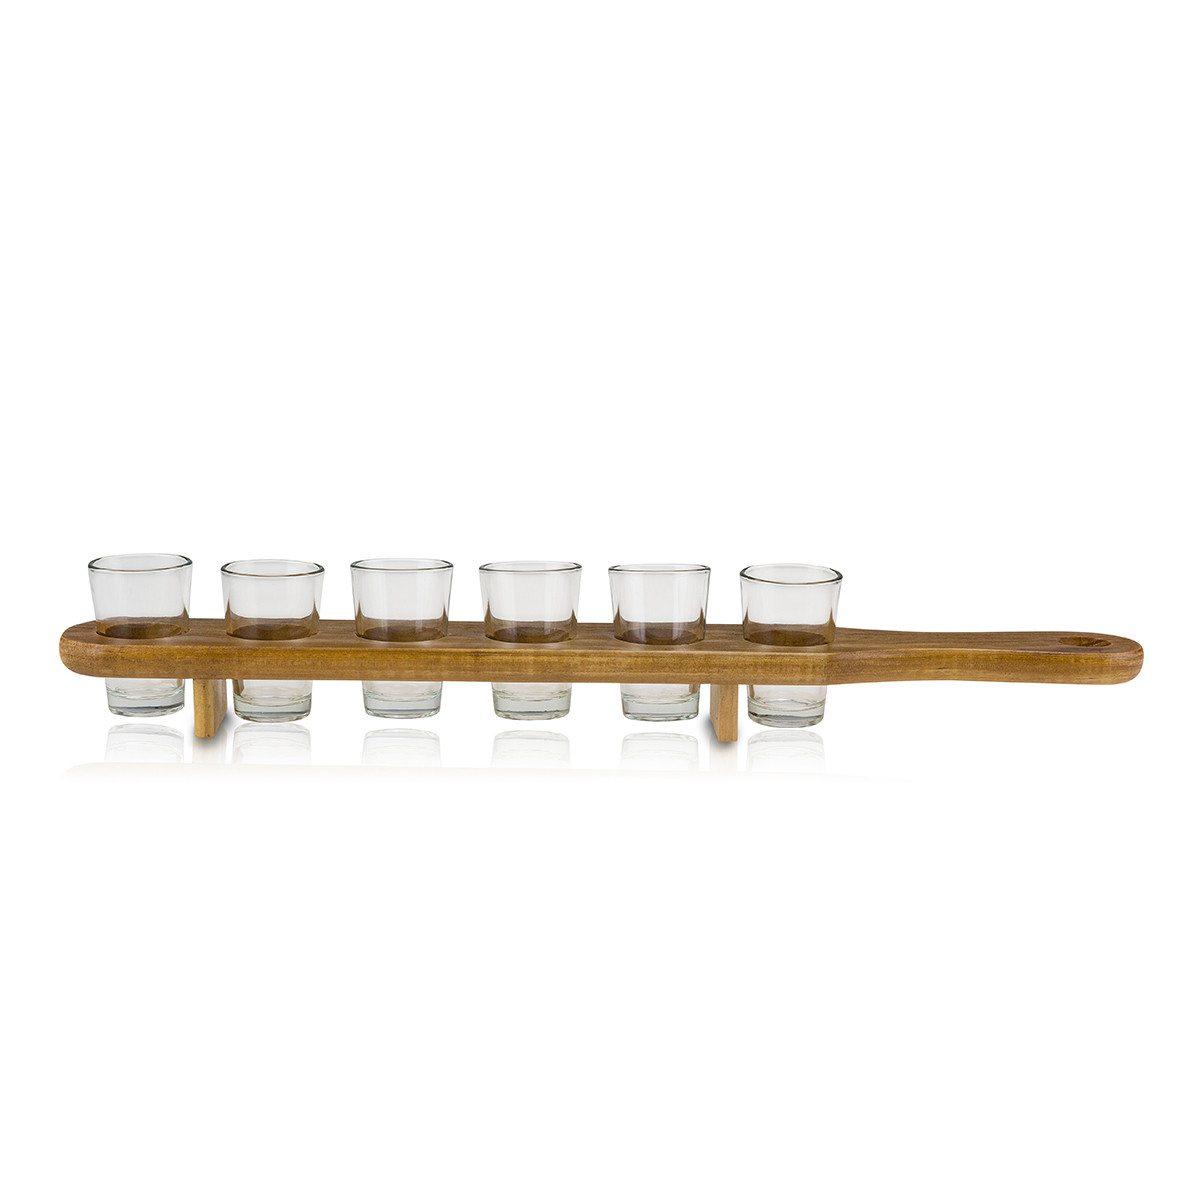 Schnapsbrett mit 6 Shot-Gläsern